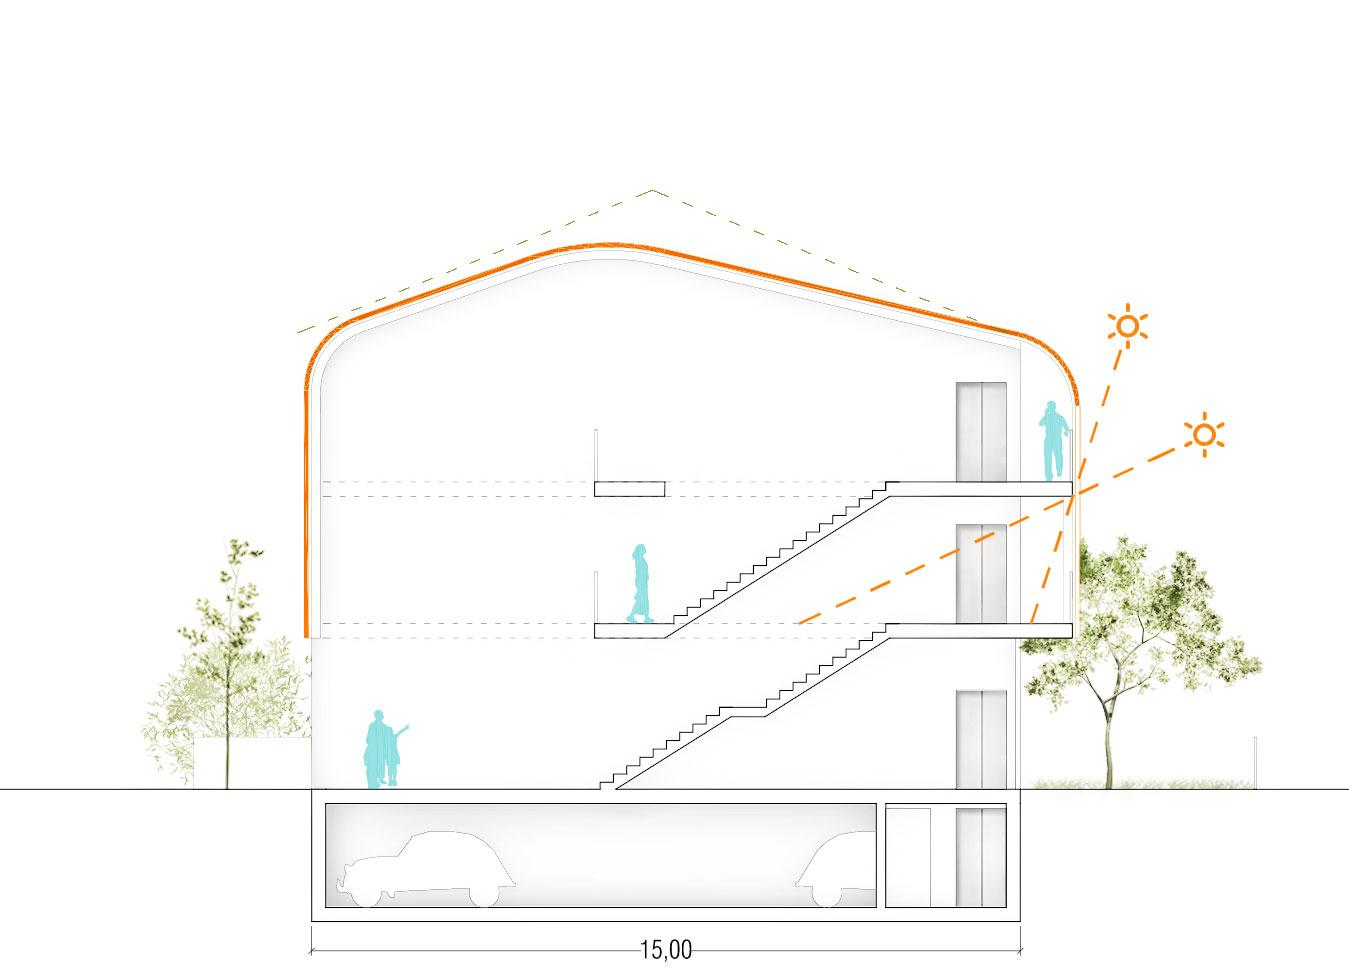 concurso vivienda protegida olesa de montserrat sostenible arquitopia sección nucleo